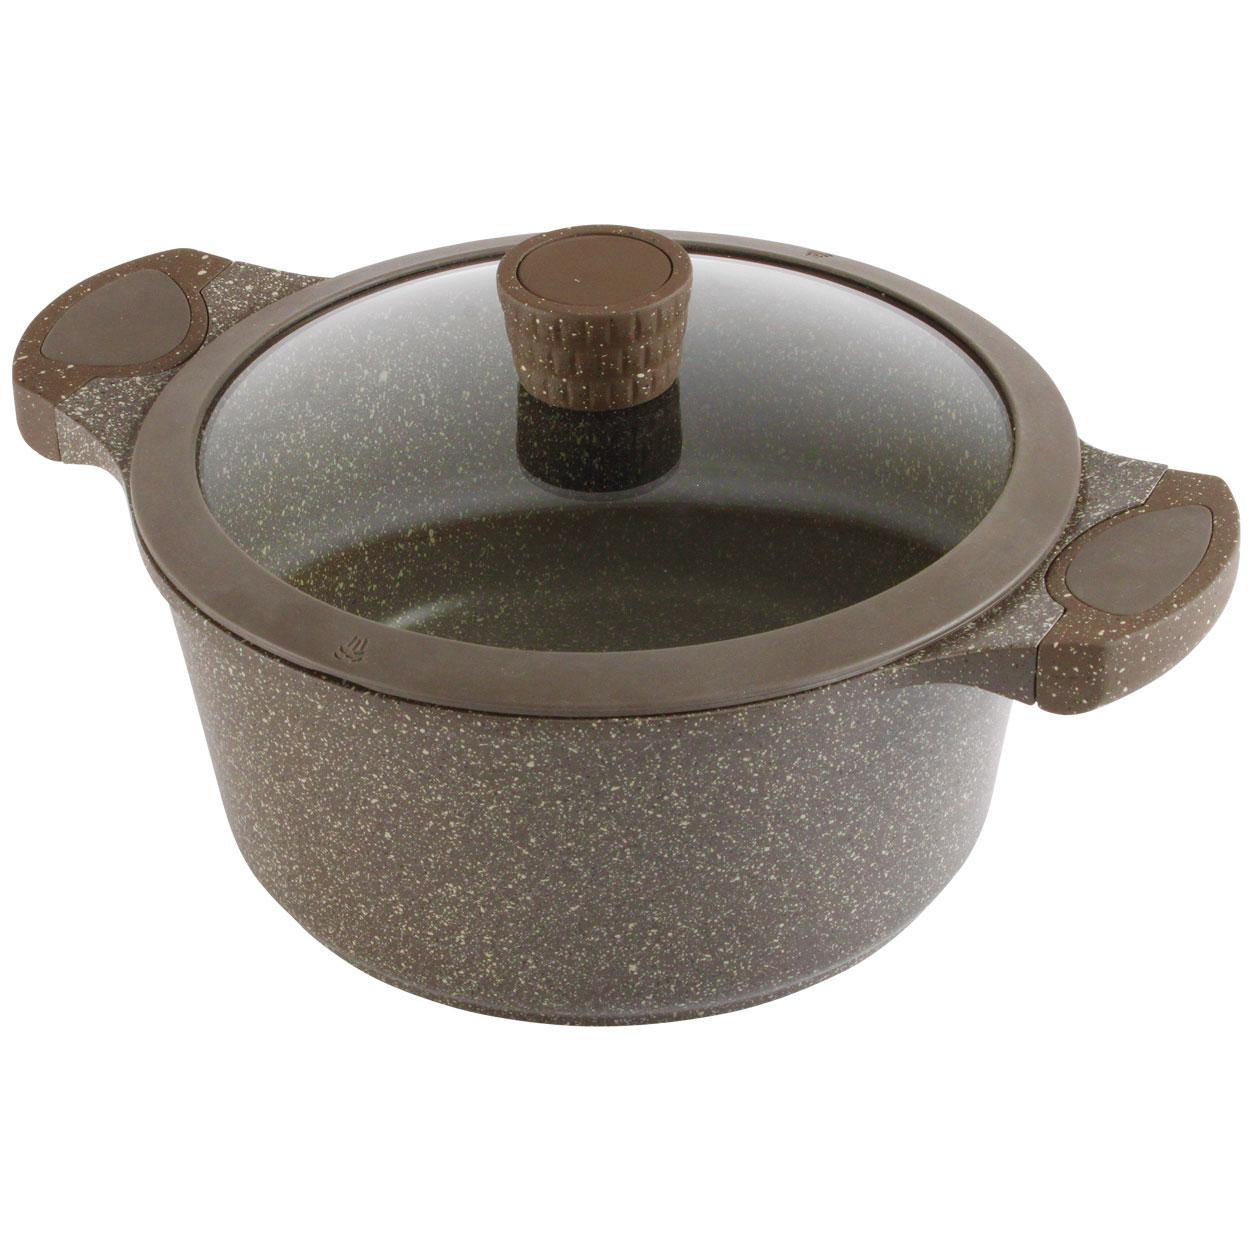 Image of 23Cm Die Cast Casserole Pot W/Lid